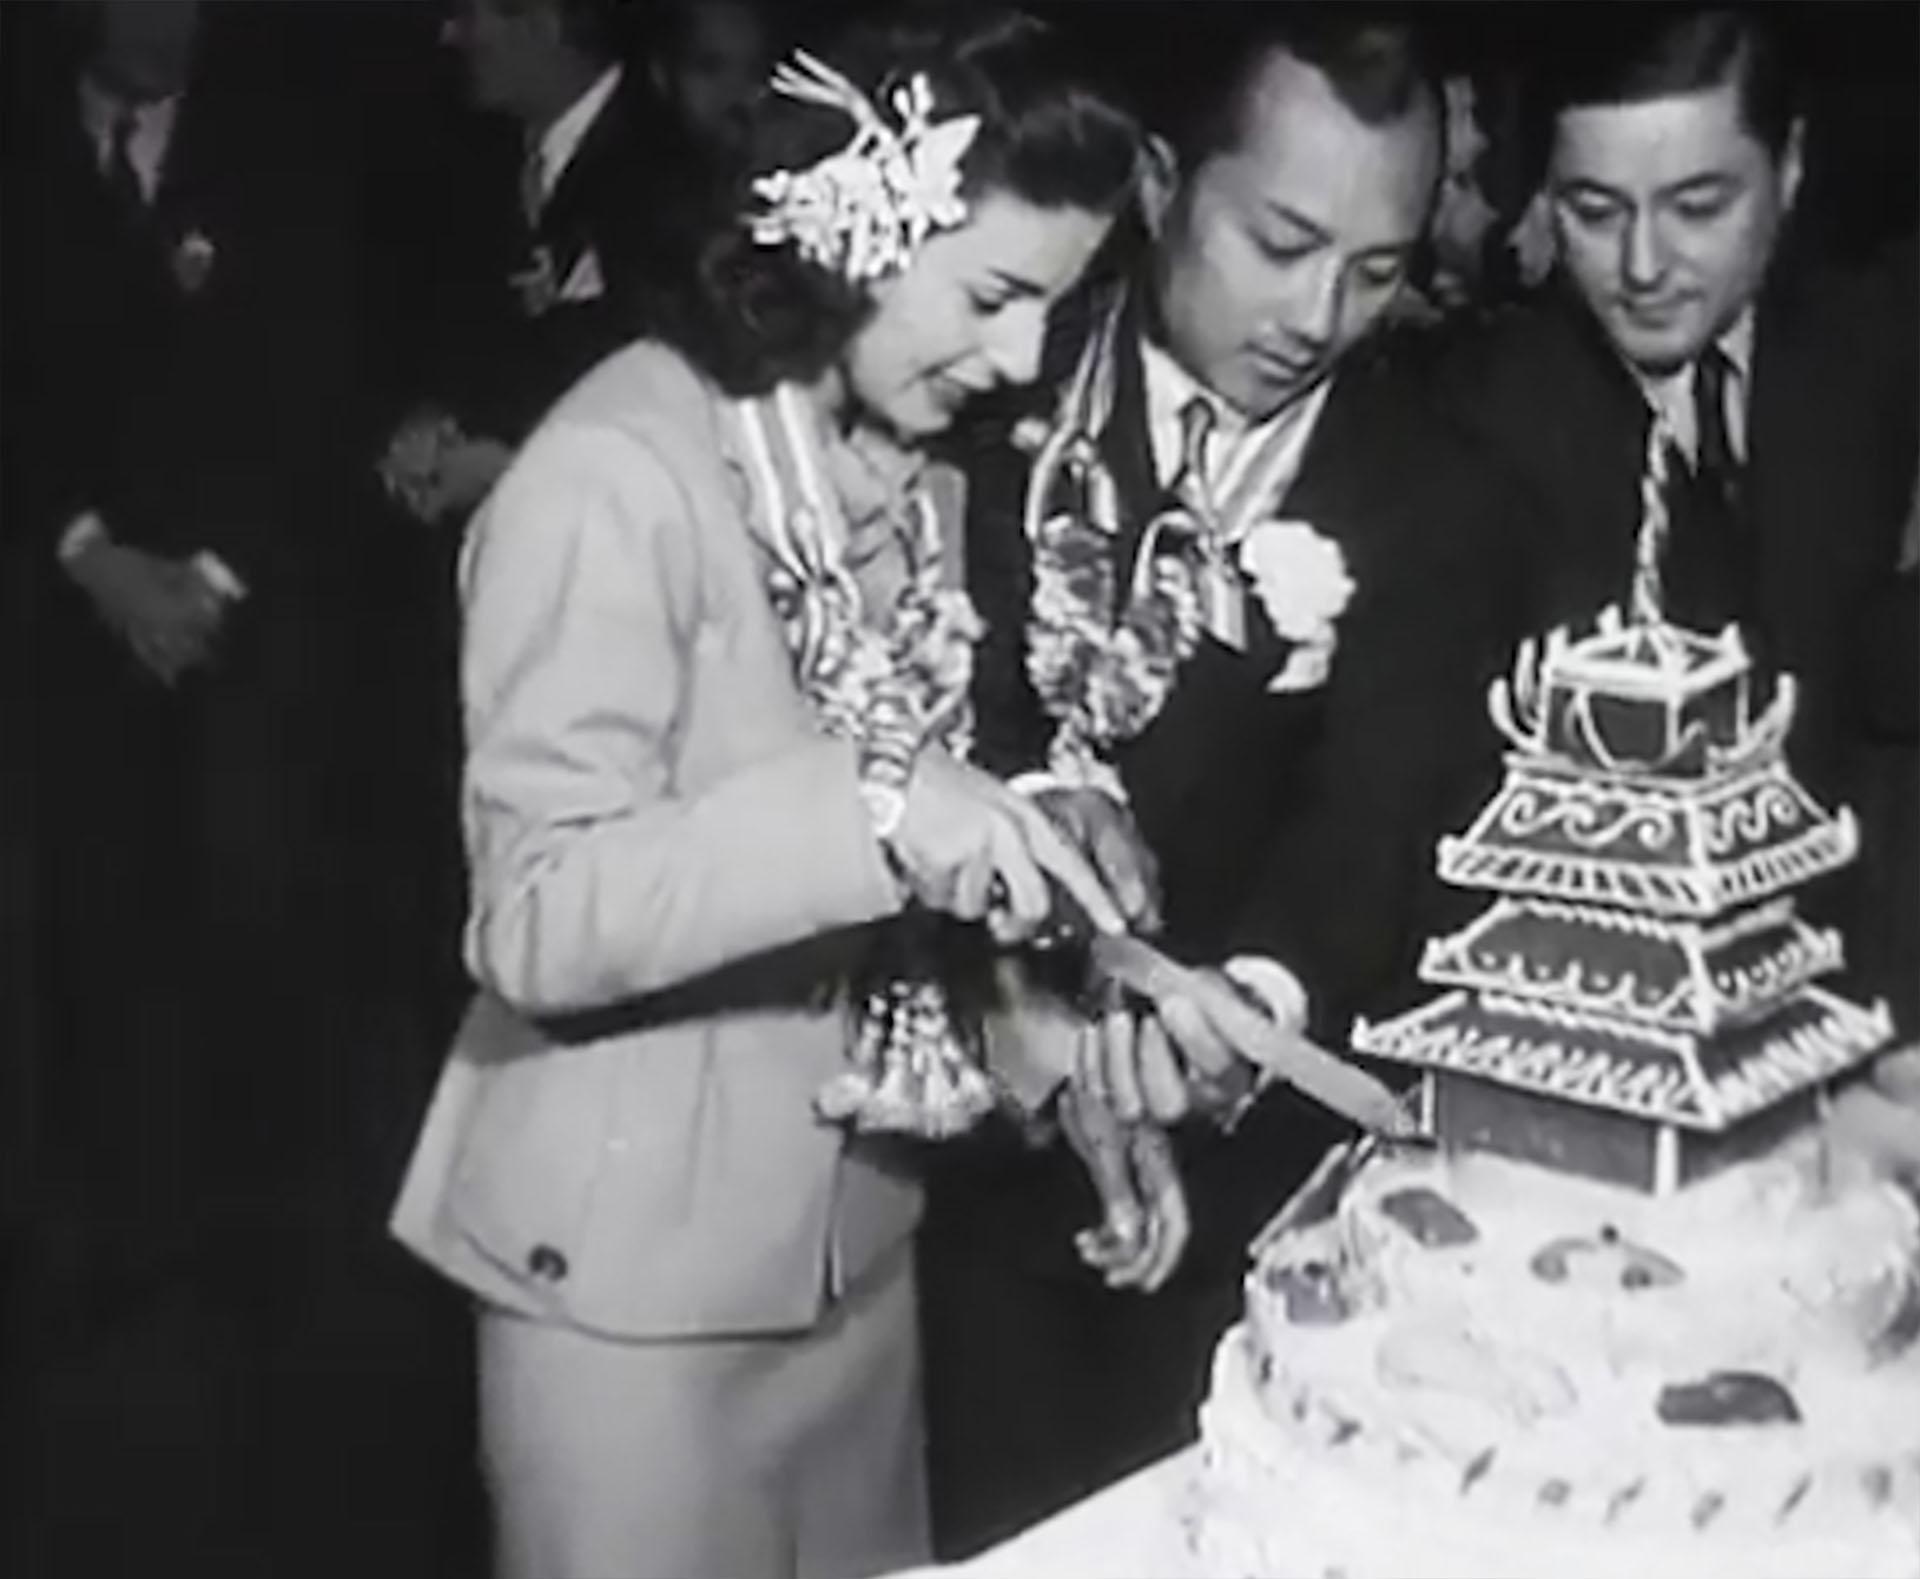 El casamiento de Chelita con el príncipe de Siam. Ella era empleada del Automóvil Club, élera la cabeza de un fabuloso reino